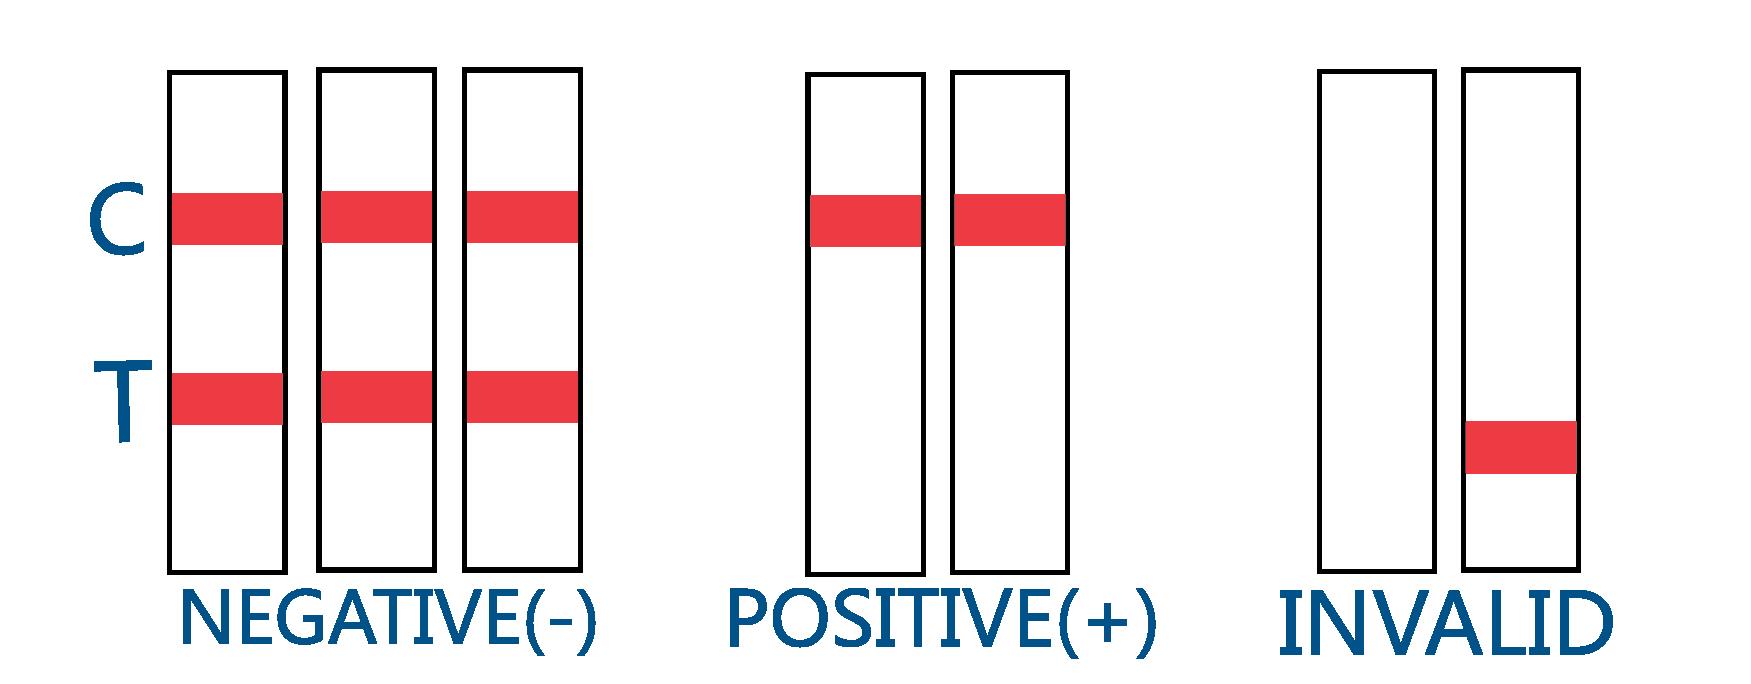 Drug Test Interpretation of Results Negative Positive Invalid Chart